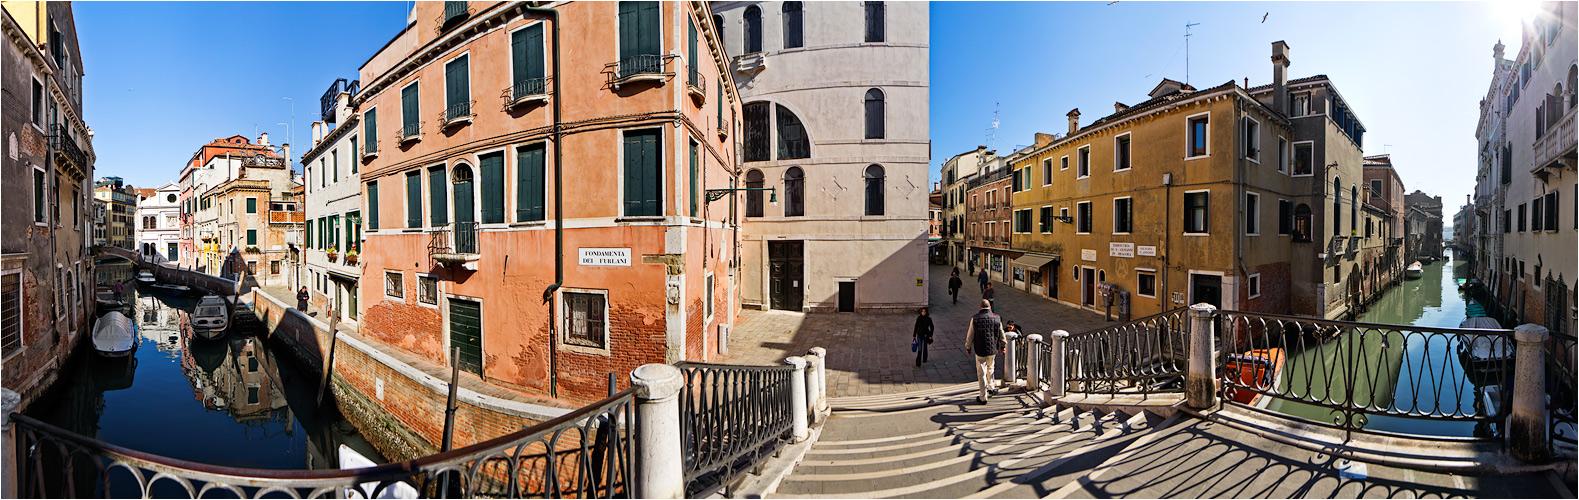 Venedig 12 92